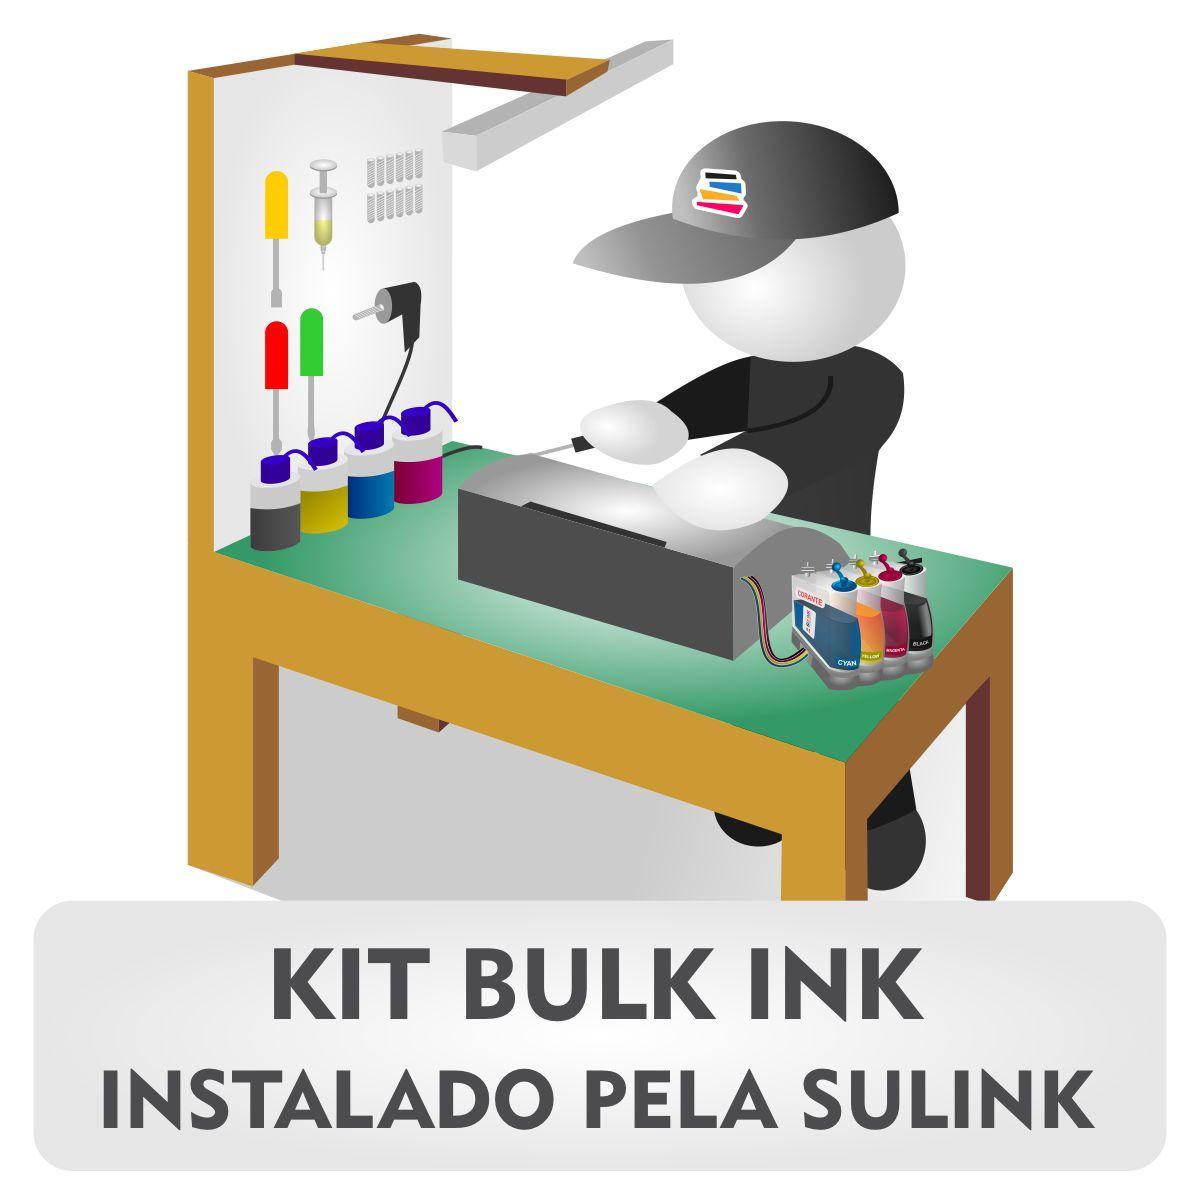 INSTALADO - Bulk Ink para HP 4615 | 4625 | 5525 | 3525 - Rocket 60ml 4 Cores Linha Vivera Preto Pigmentado e Colorido Corante - (Sem Cartucho - Utilizar Original HP do Cliente)